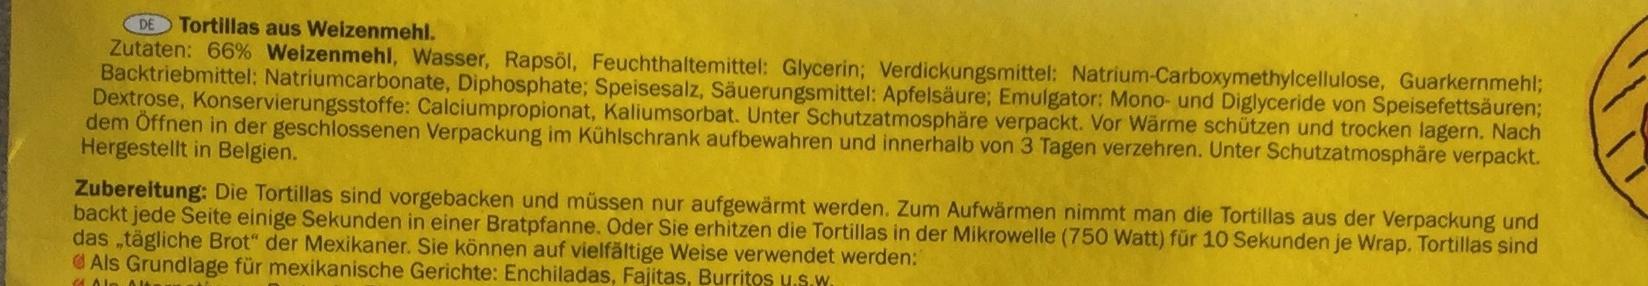 Tortillas à base de farine de blé - Nährwertangaben - de